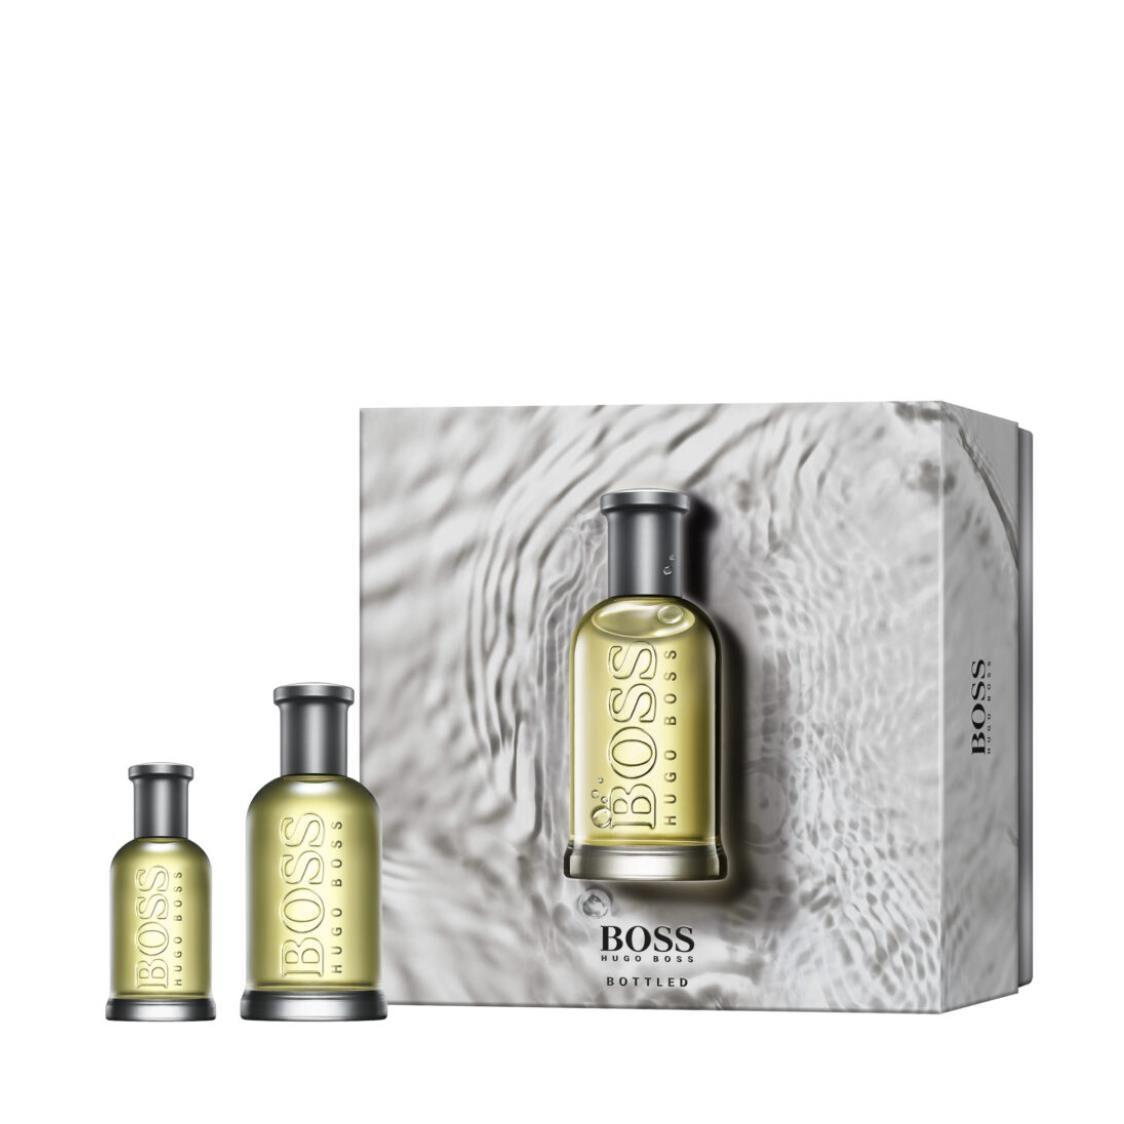 Hugo Boss Bottled EDT 100ml Gift Set with EDT 30ml